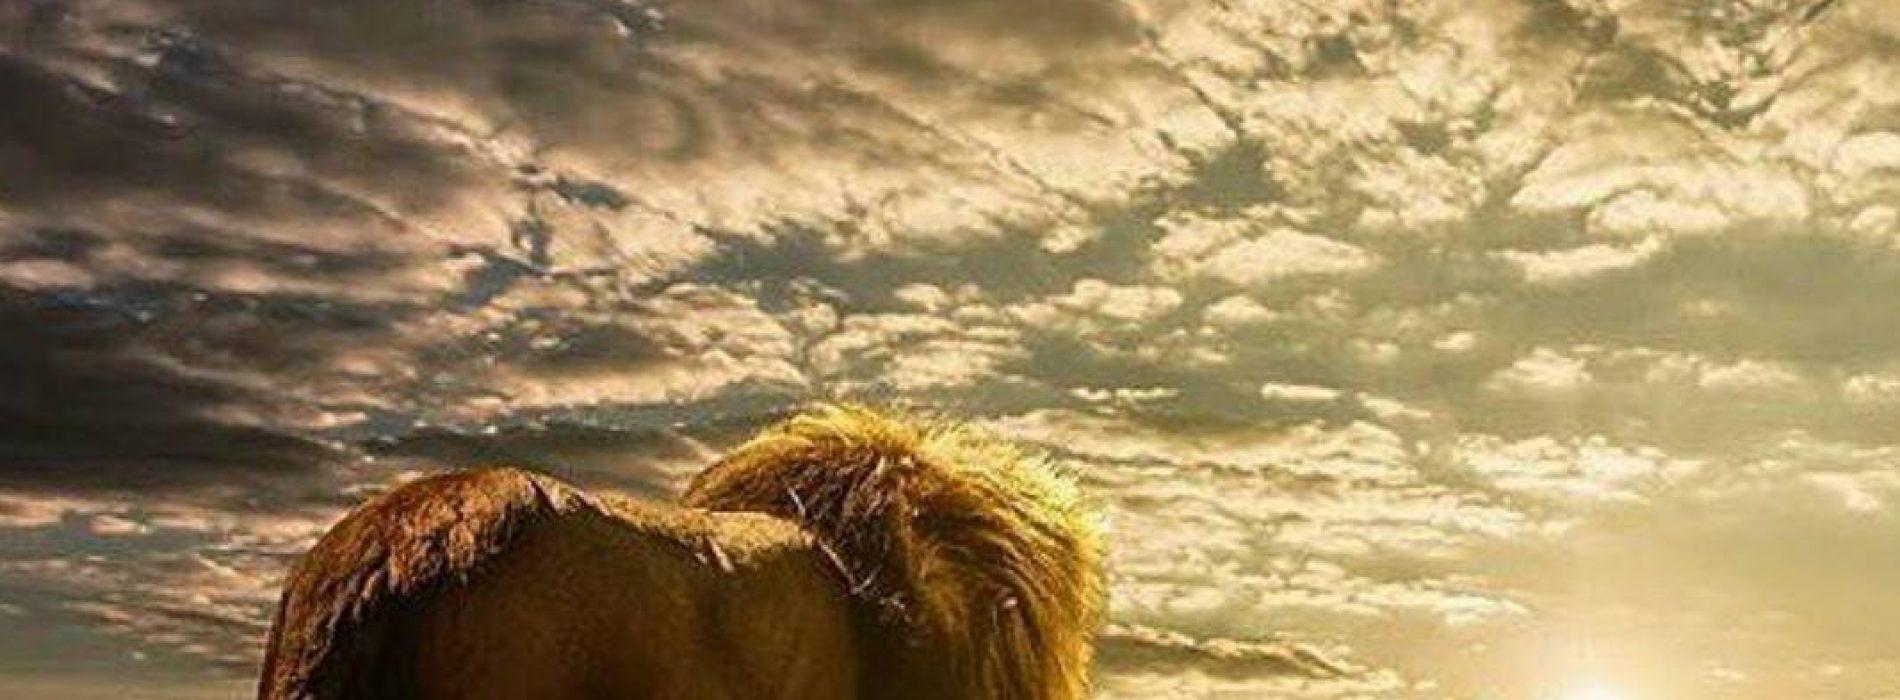 Extrêmement INÉDIT: BLACKO nous dévoile 9 nouveaux titres reggae !! Attention  KT16